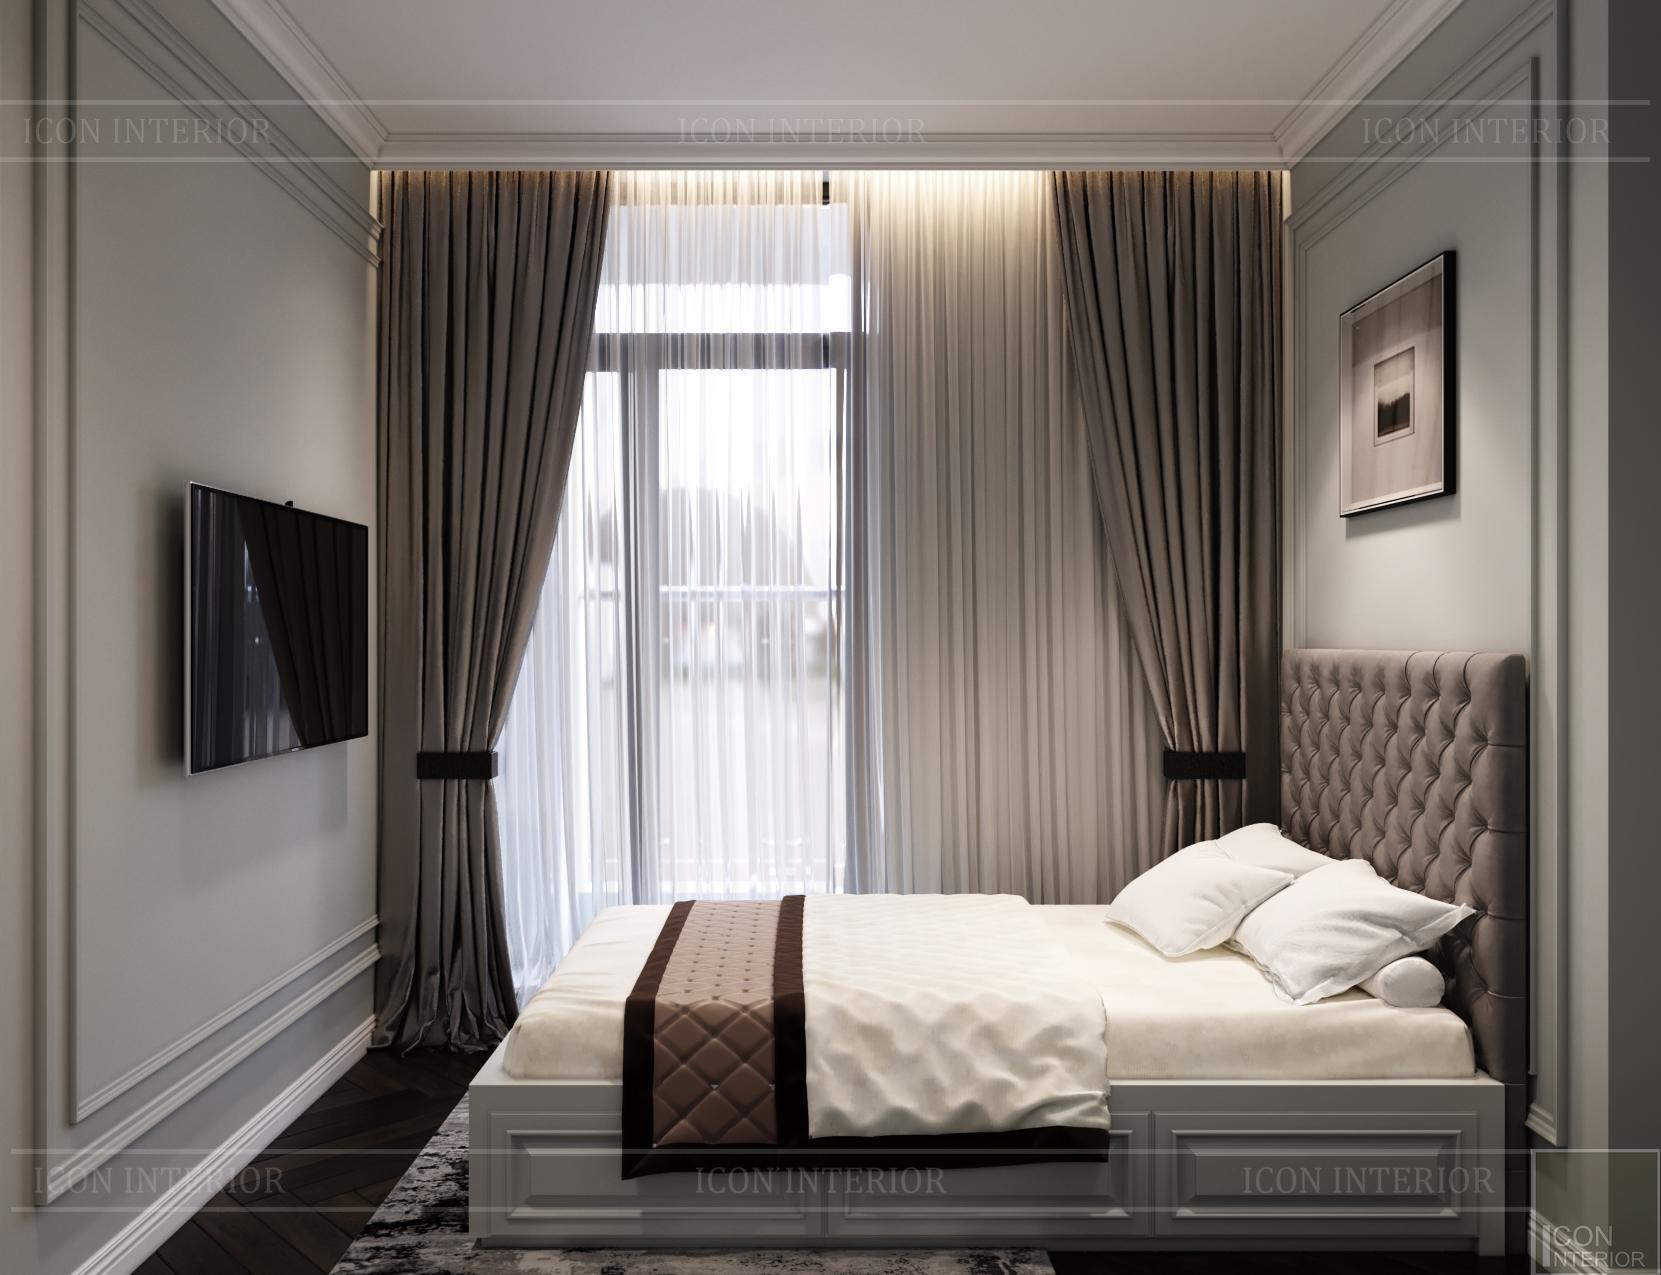 Thiết kế căn hộ Kingdom 101 - phòng ngủ nhỏ